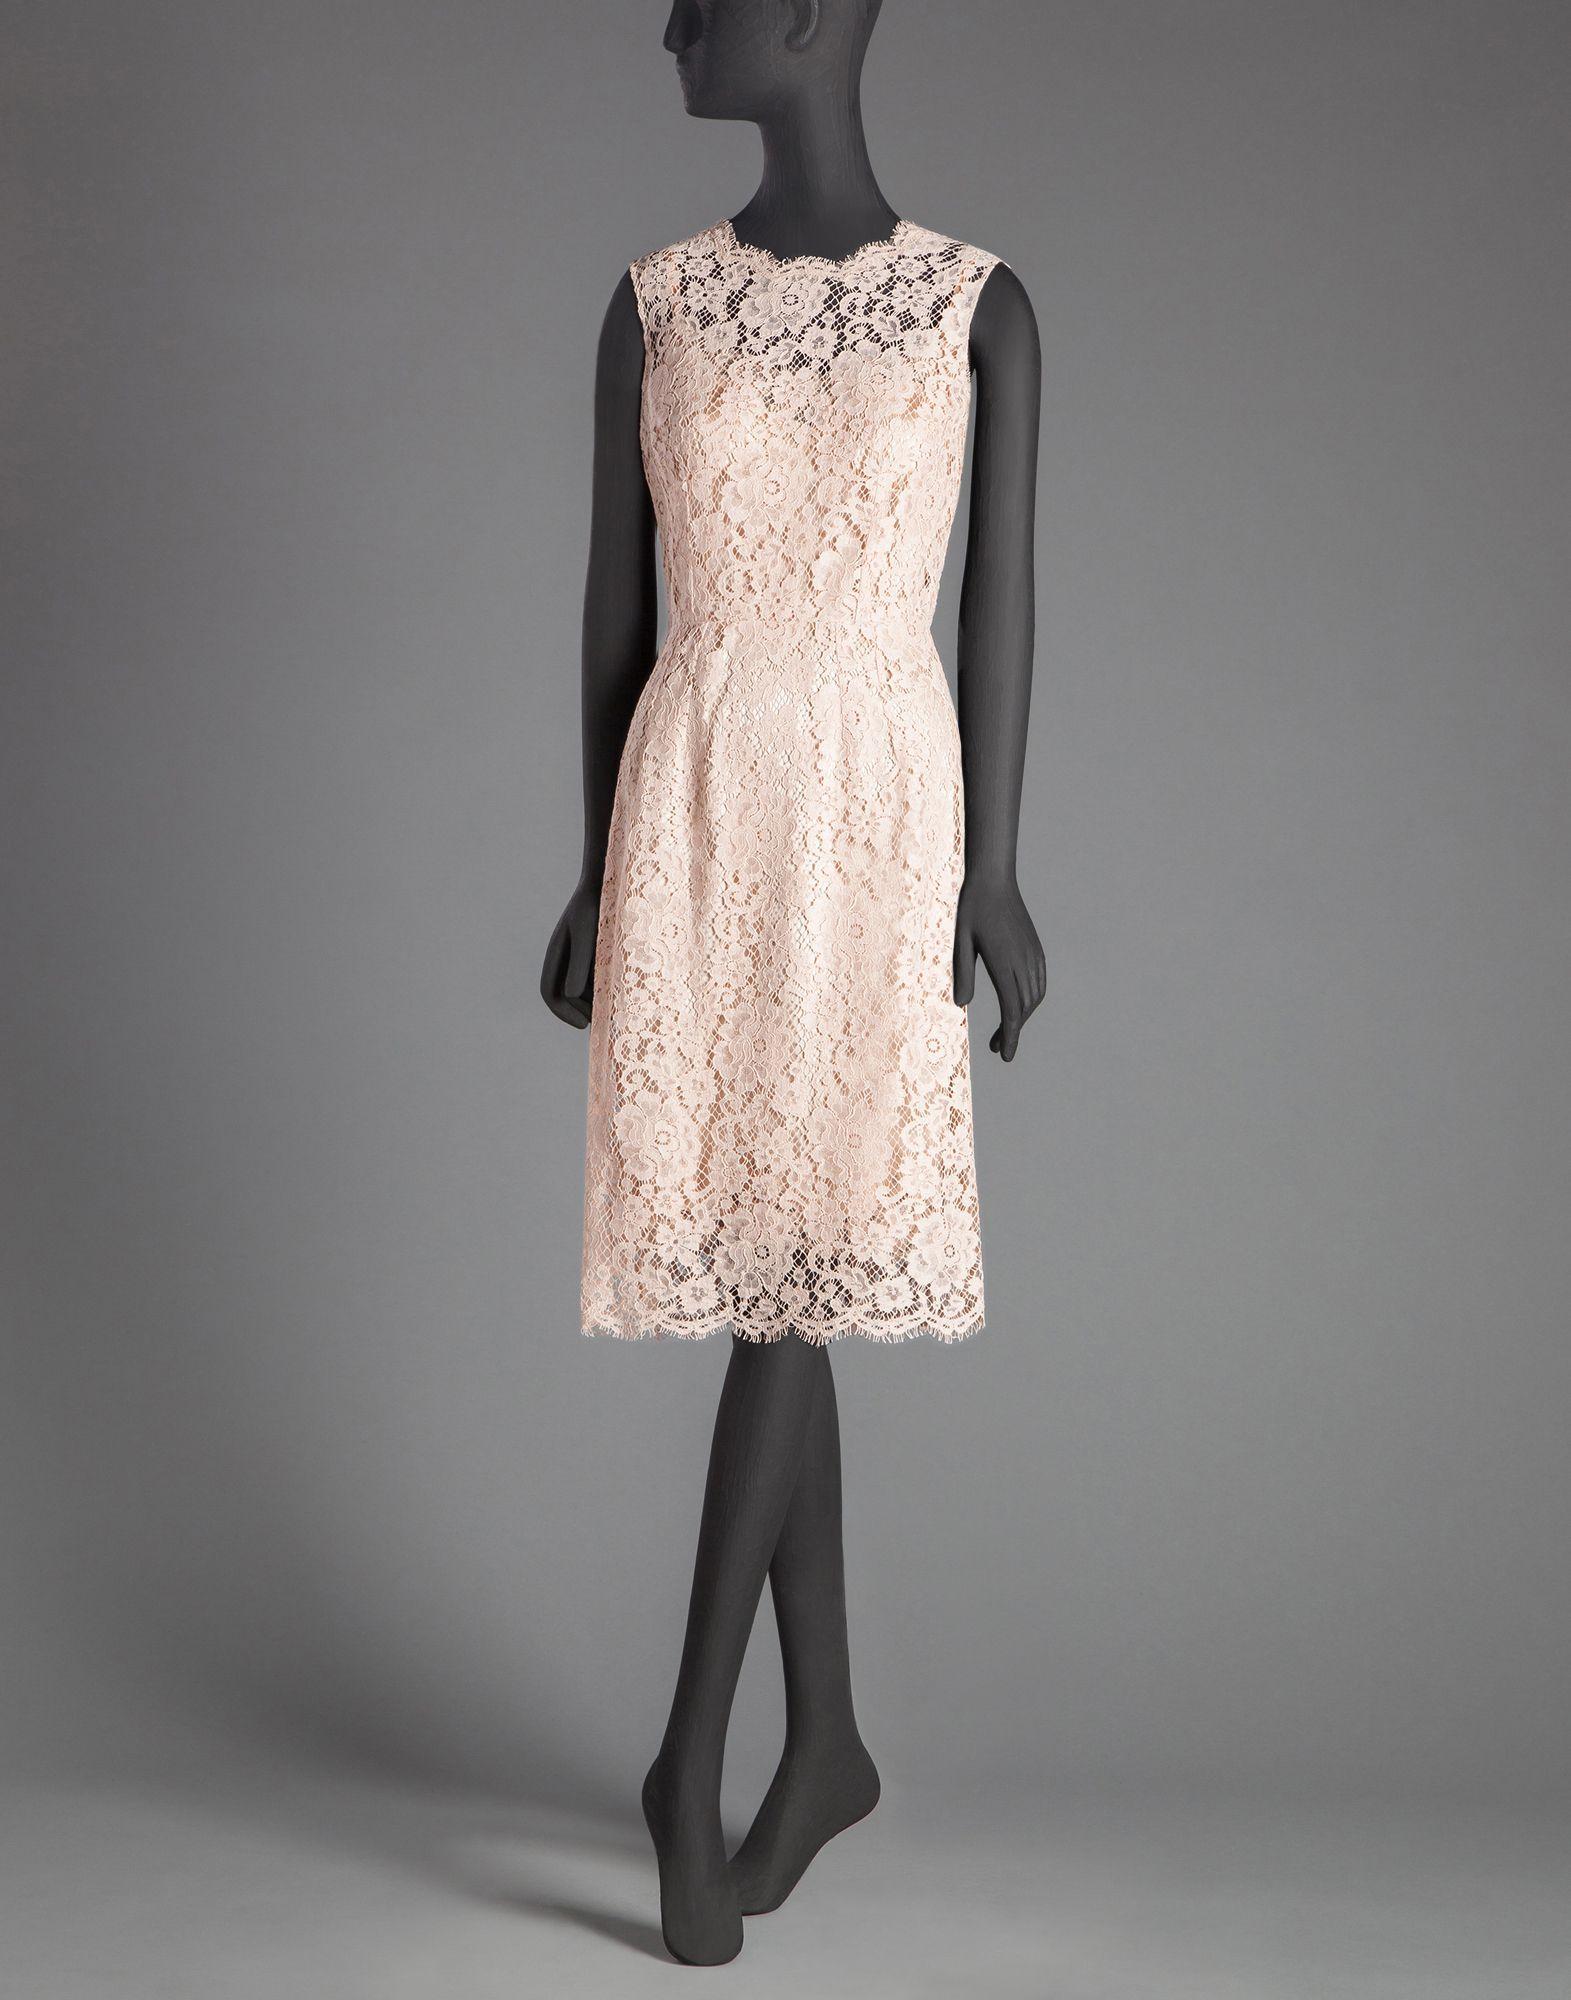 Dolce&Gabbana|F6RJ4THLMCK|Dresses|Dresses